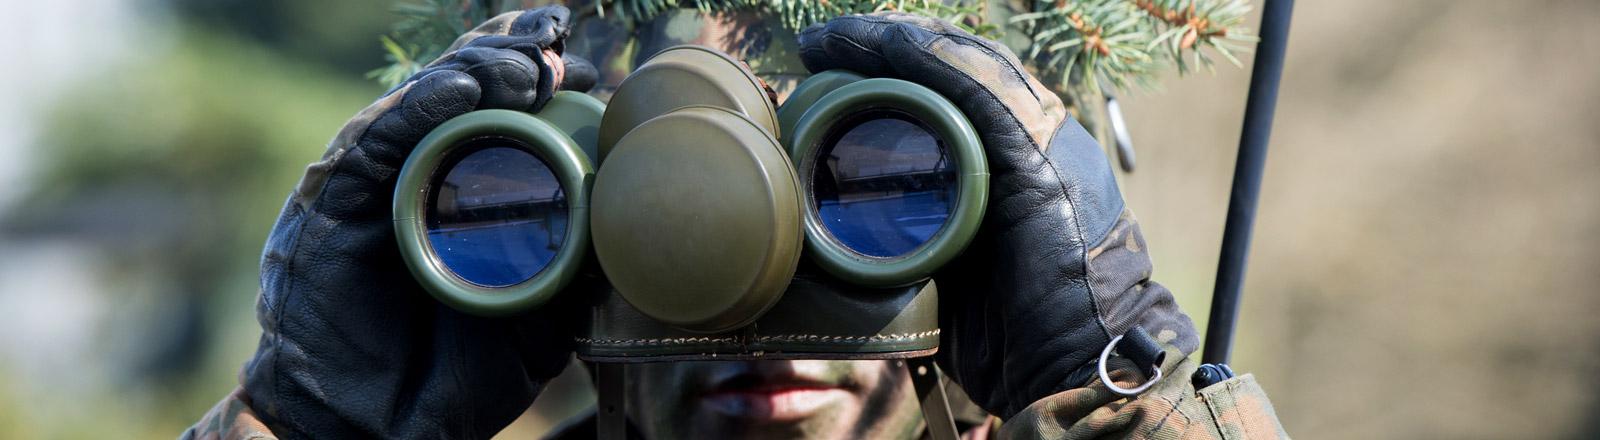 Ein Soldat guckt durch ein Fernglas